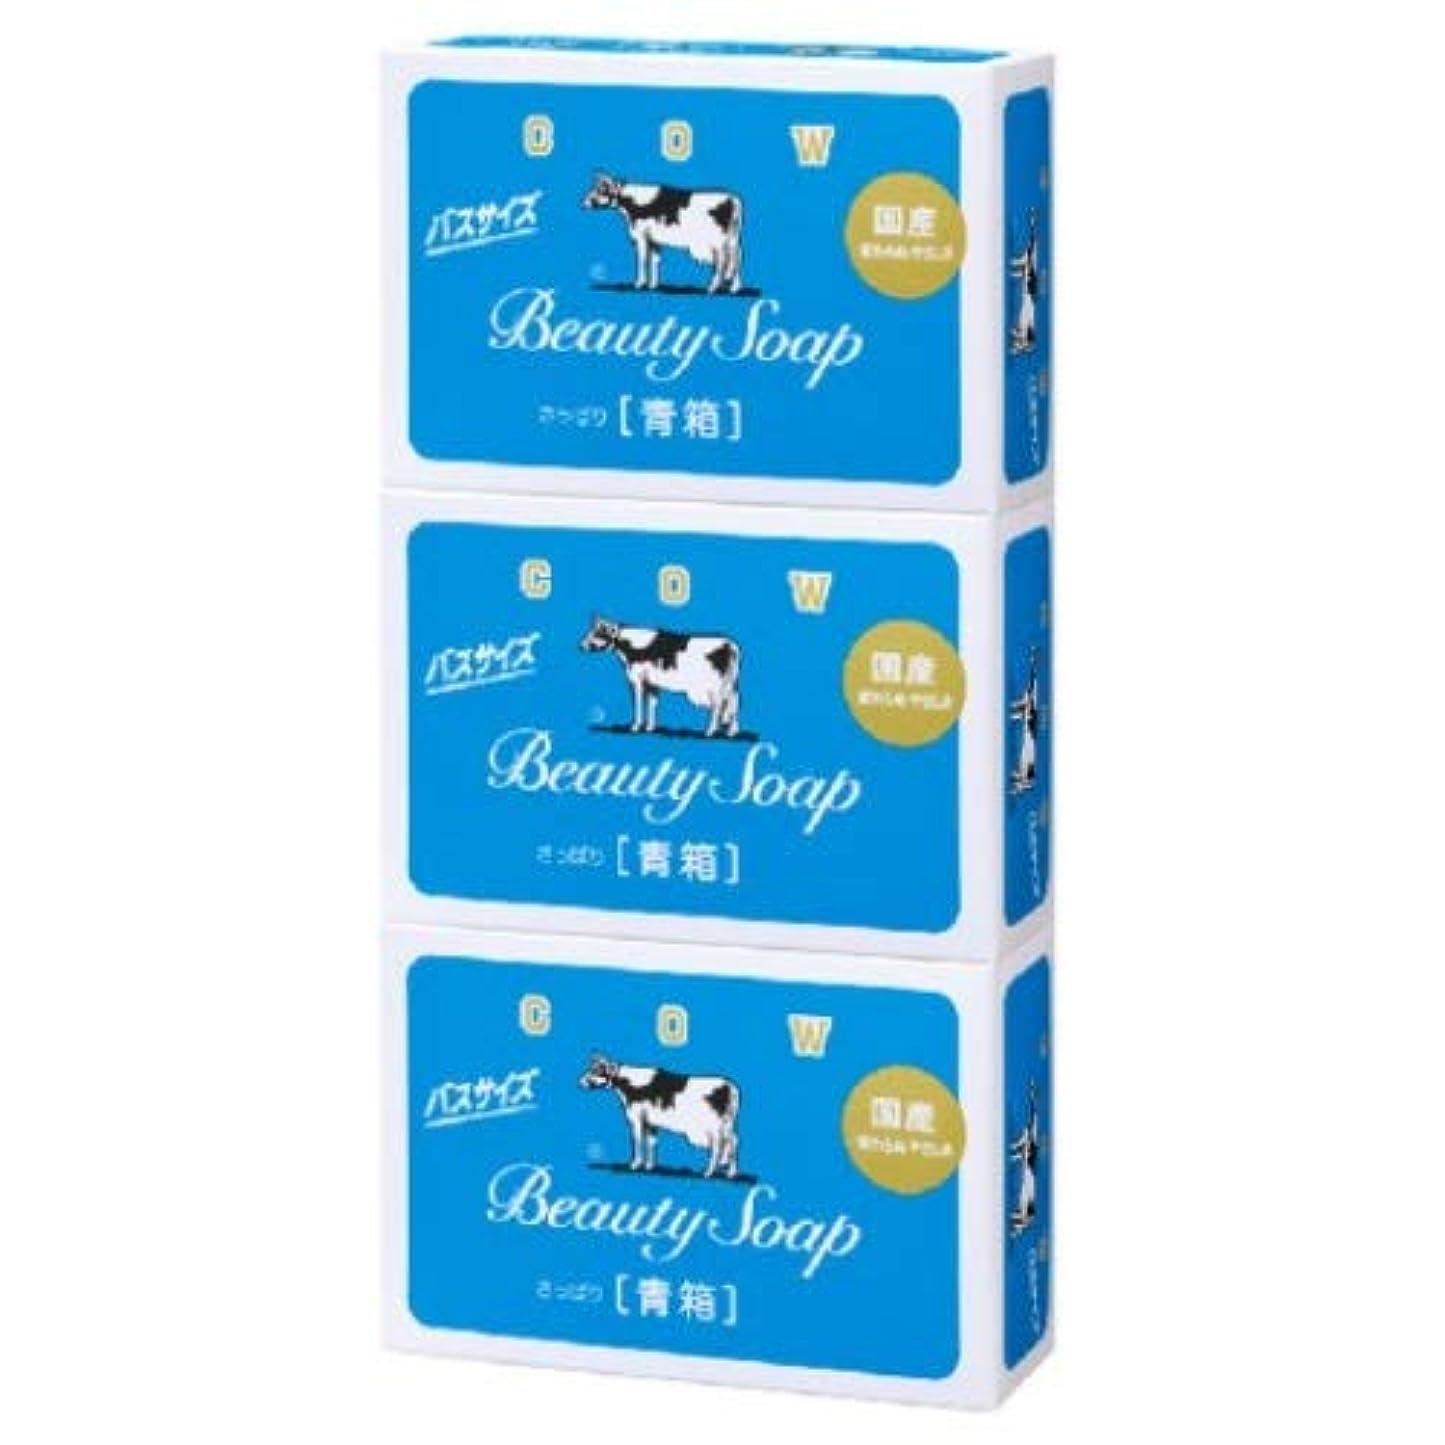 スチュアート島福祉つまらない牛乳石鹸 カウブランド 青箱 バスサイズ 3コパック